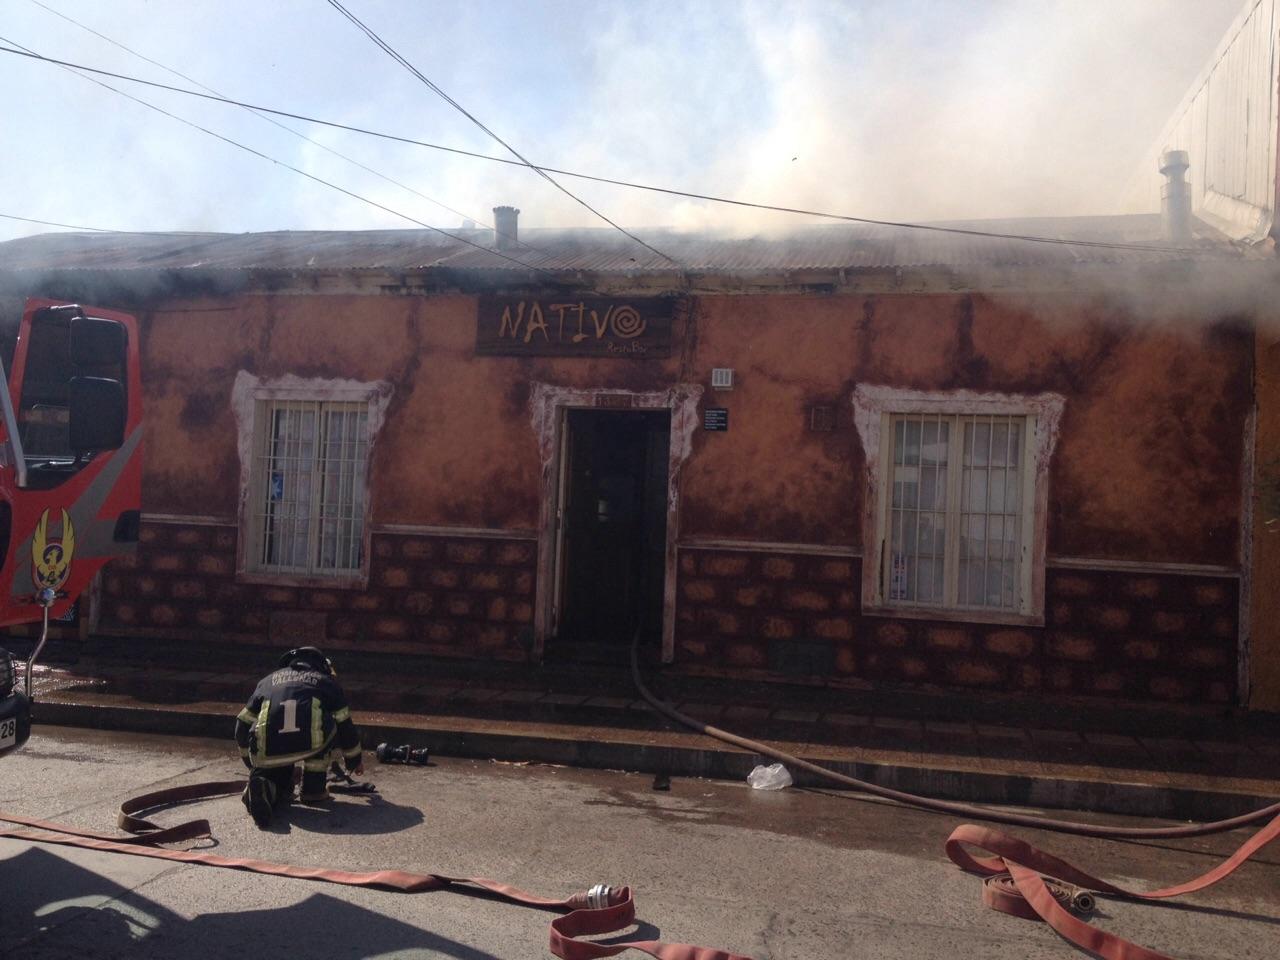 Incendio consume 50% de pub restaurant Nativo en Vallenar